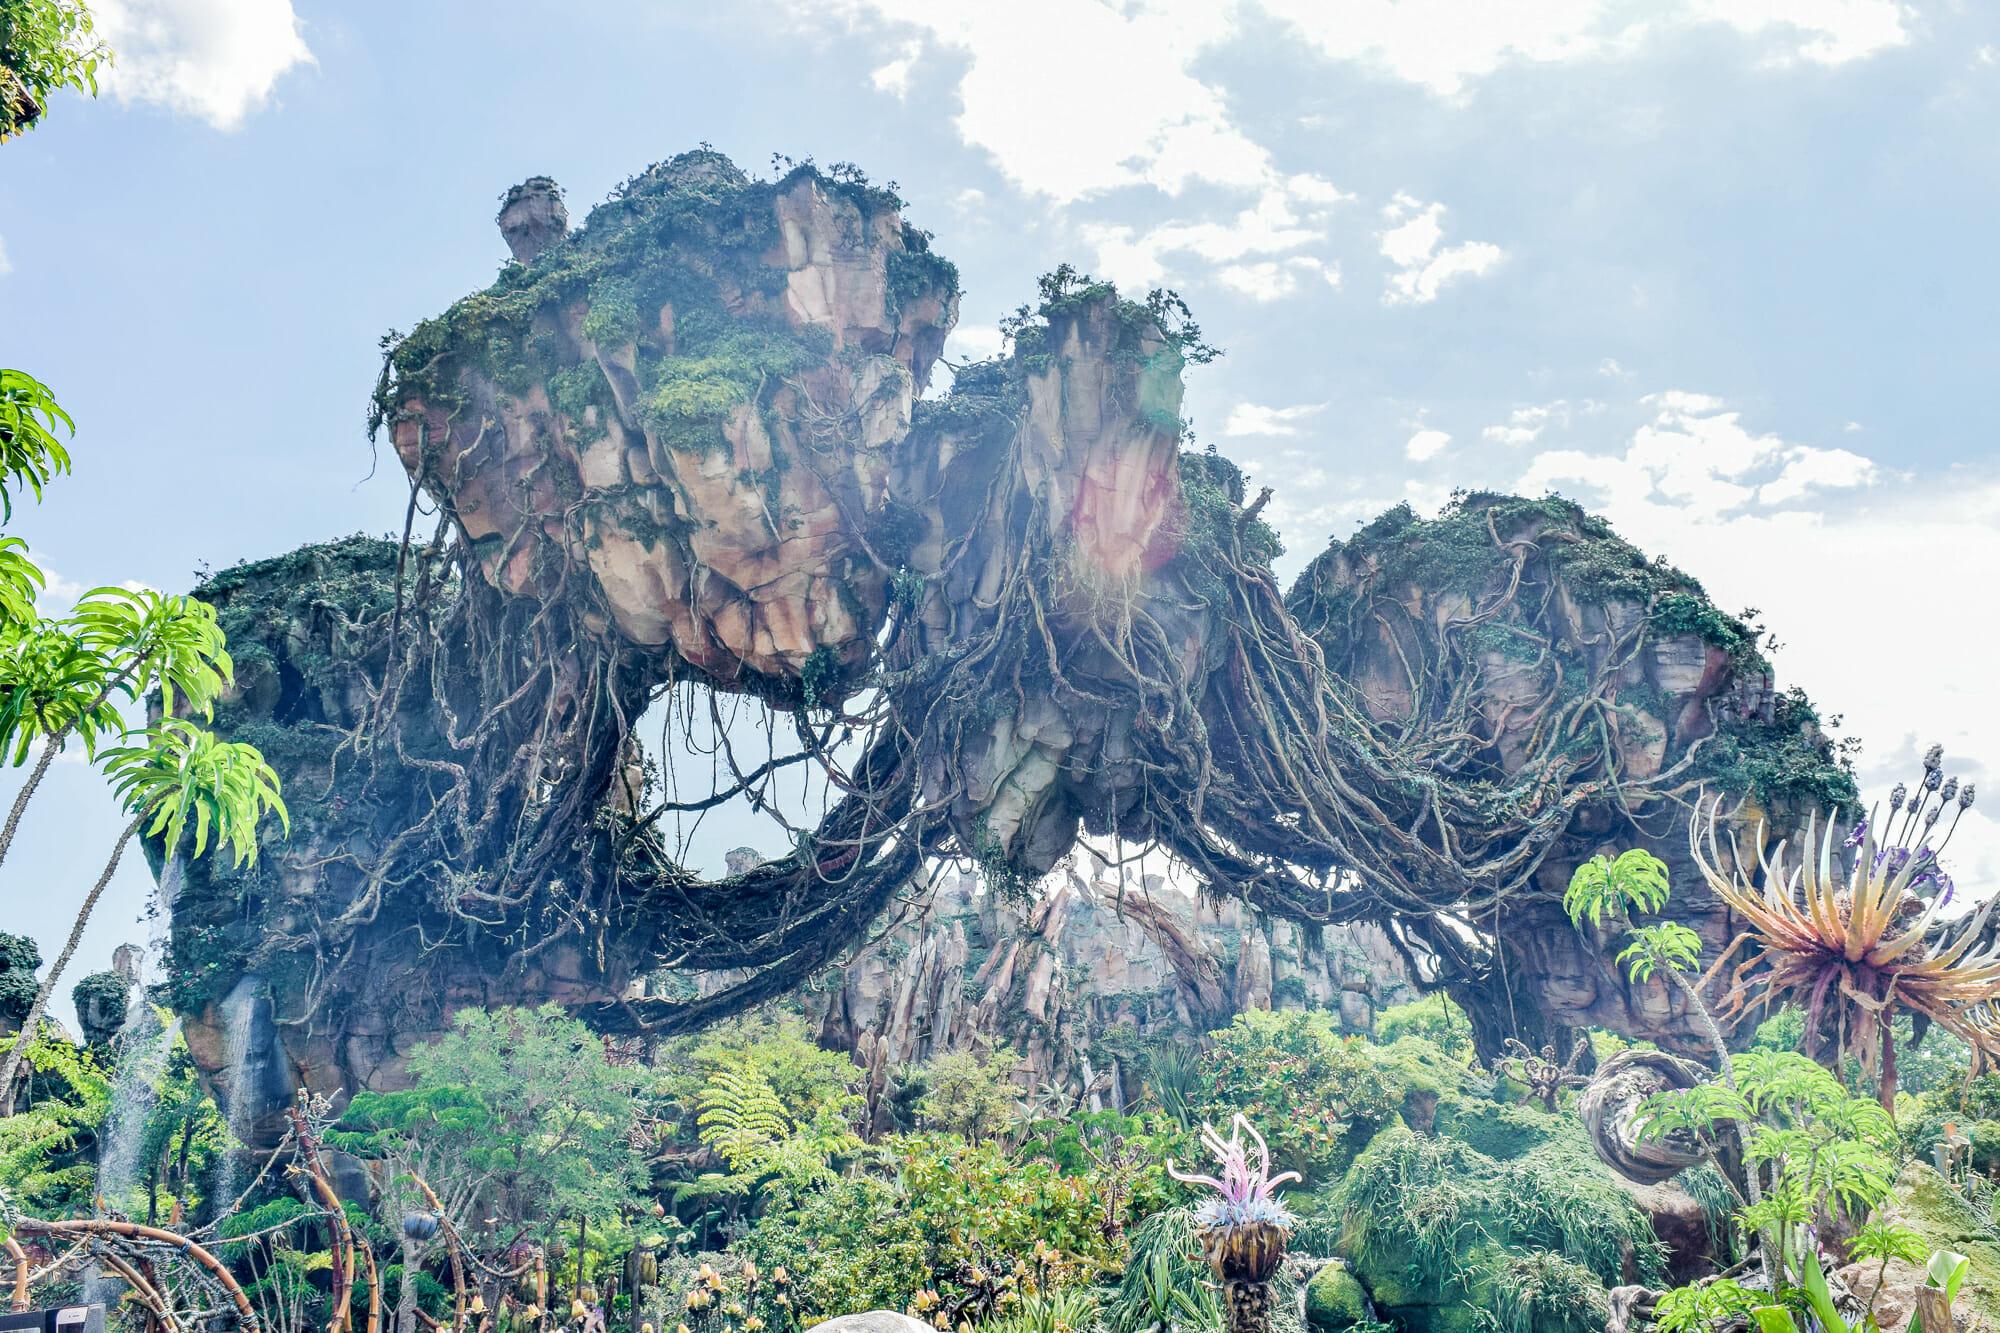 Foto da decoração de Pandora, no Animal Kingdom, que consiste em rochas com vegetação ao redor e o céu azul ao fundo.